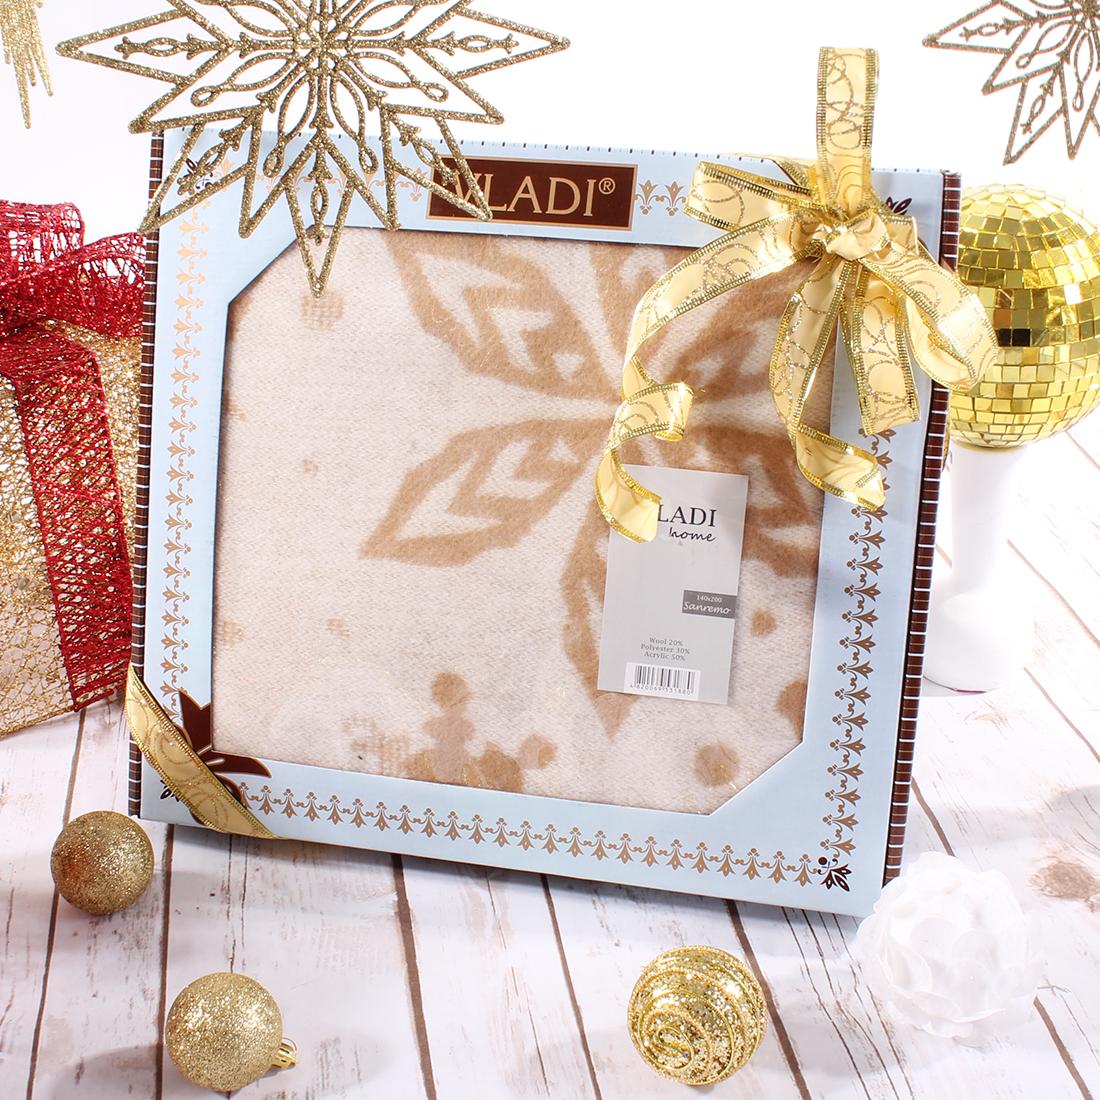 Плед Vladi Плед Сан-Ремо Merry Christmas (140х200 см) майка классическая printio сан хосе шаркс